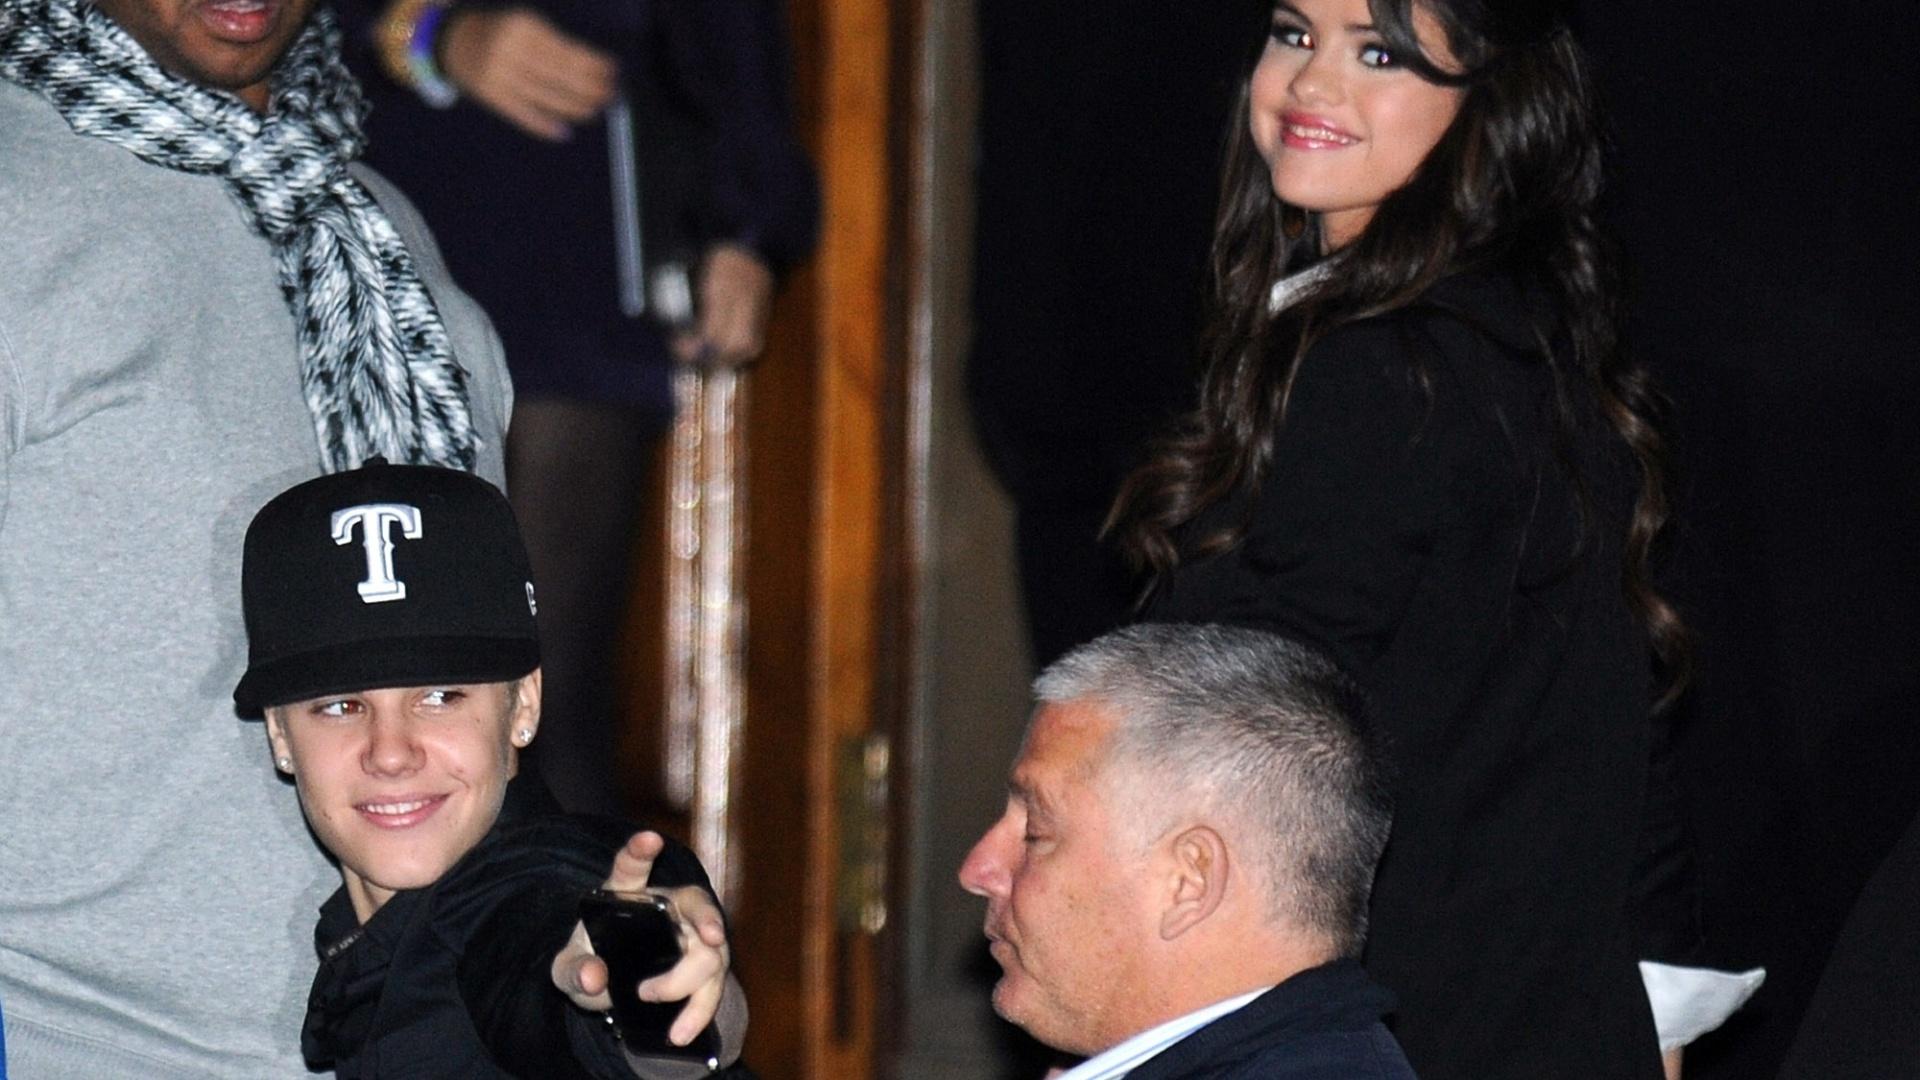 Justin Bieber e Selena Gomez chegam de mãos dadas em um almoço promovido pela MTV durante o EMA 2011, em Belfast, na Irlanda do Norte (5/11/2011)